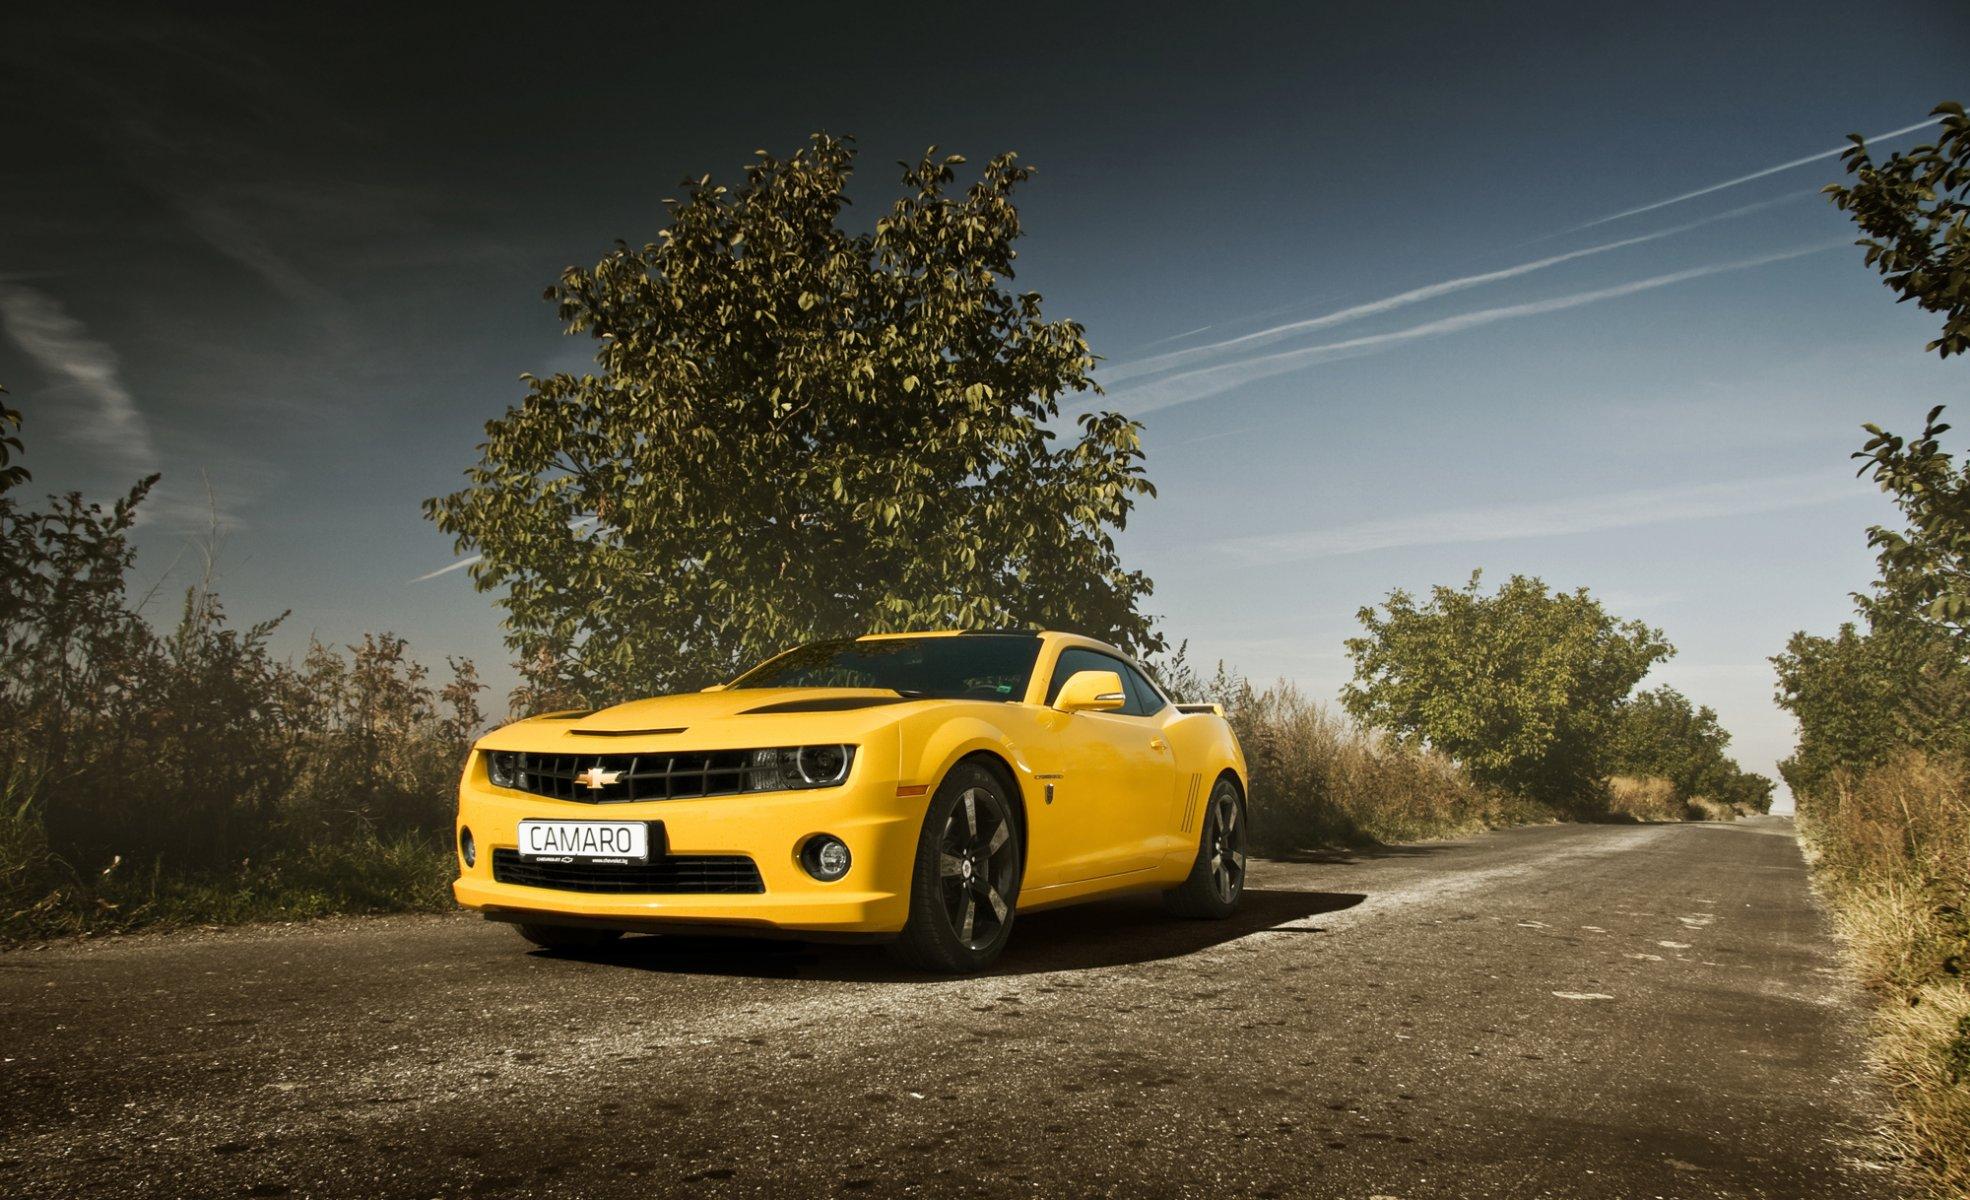 Chevrolet Camaro дорога асфальт без смс